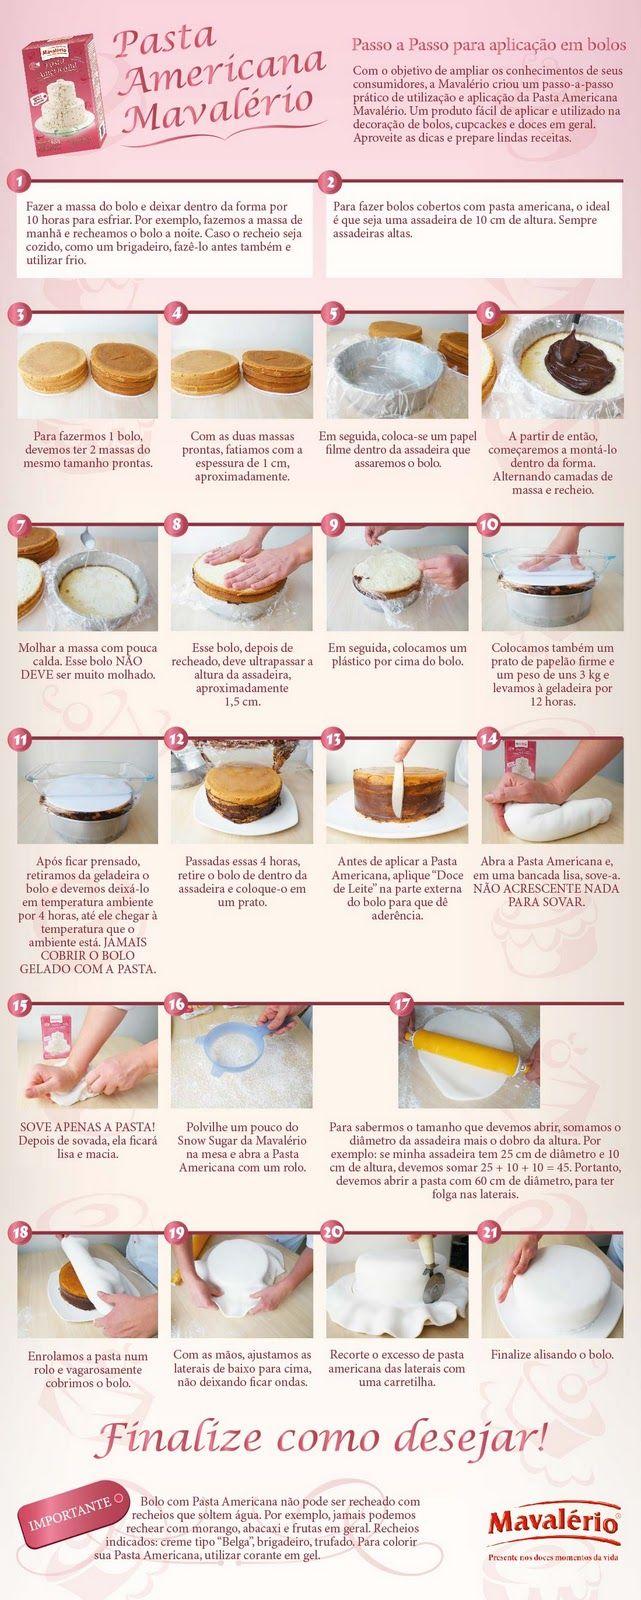 RECEITAS DE QUASE TUDO: Aprenda a cobrir um bolo com PASTA AMERICANA. Passo a passo pra você cobrir bolos com pasta americana de maneira facil. Depois de pronto, use a sua criatividade para decorar!